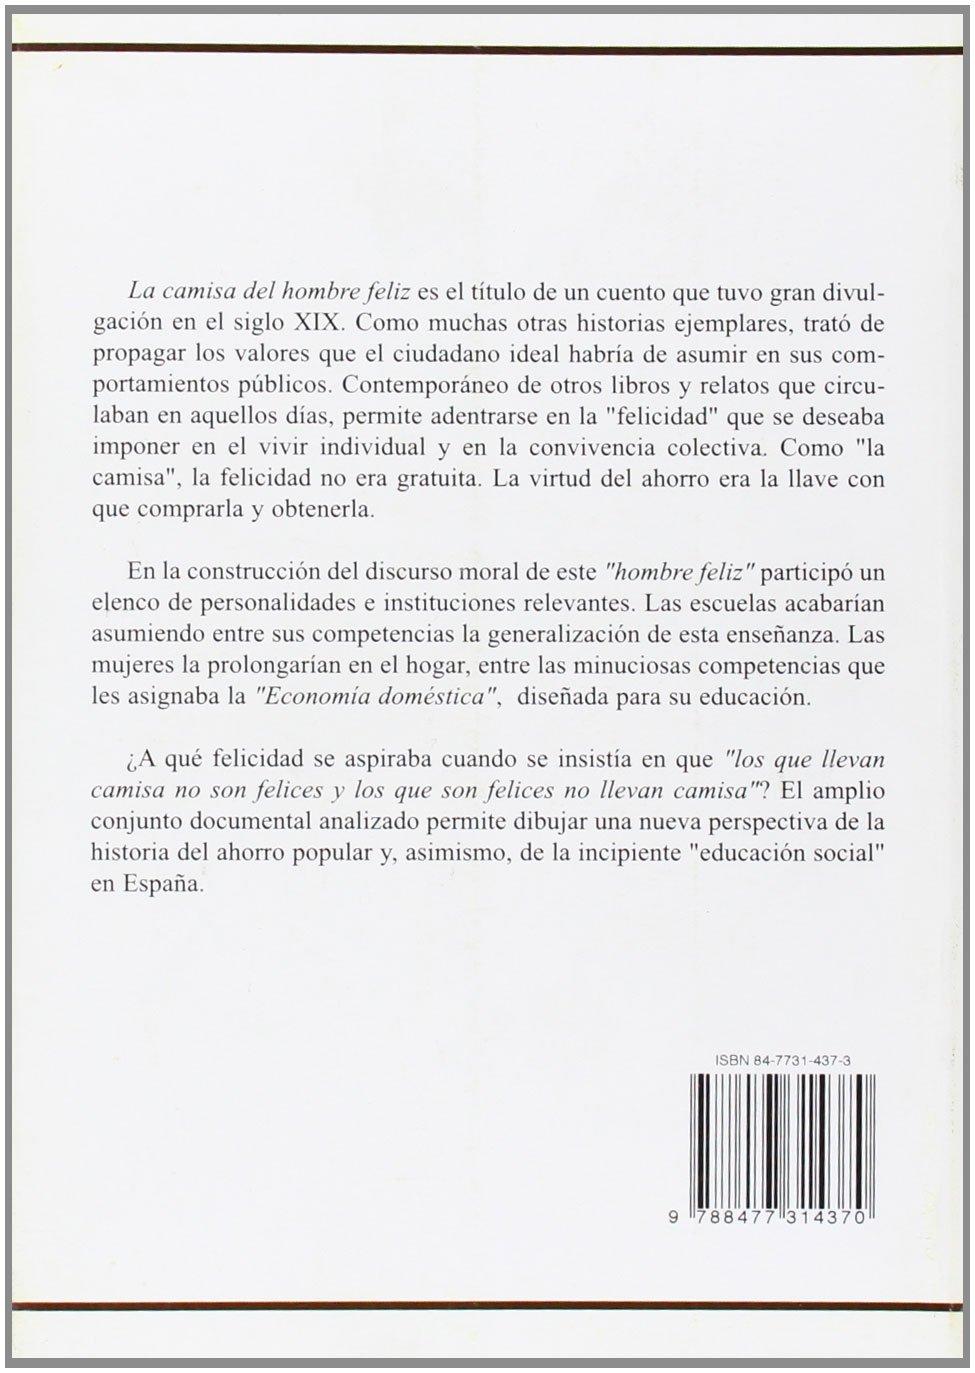 La camisa del hombre feliz : Menor, Manuel: Amazon.es: Libros